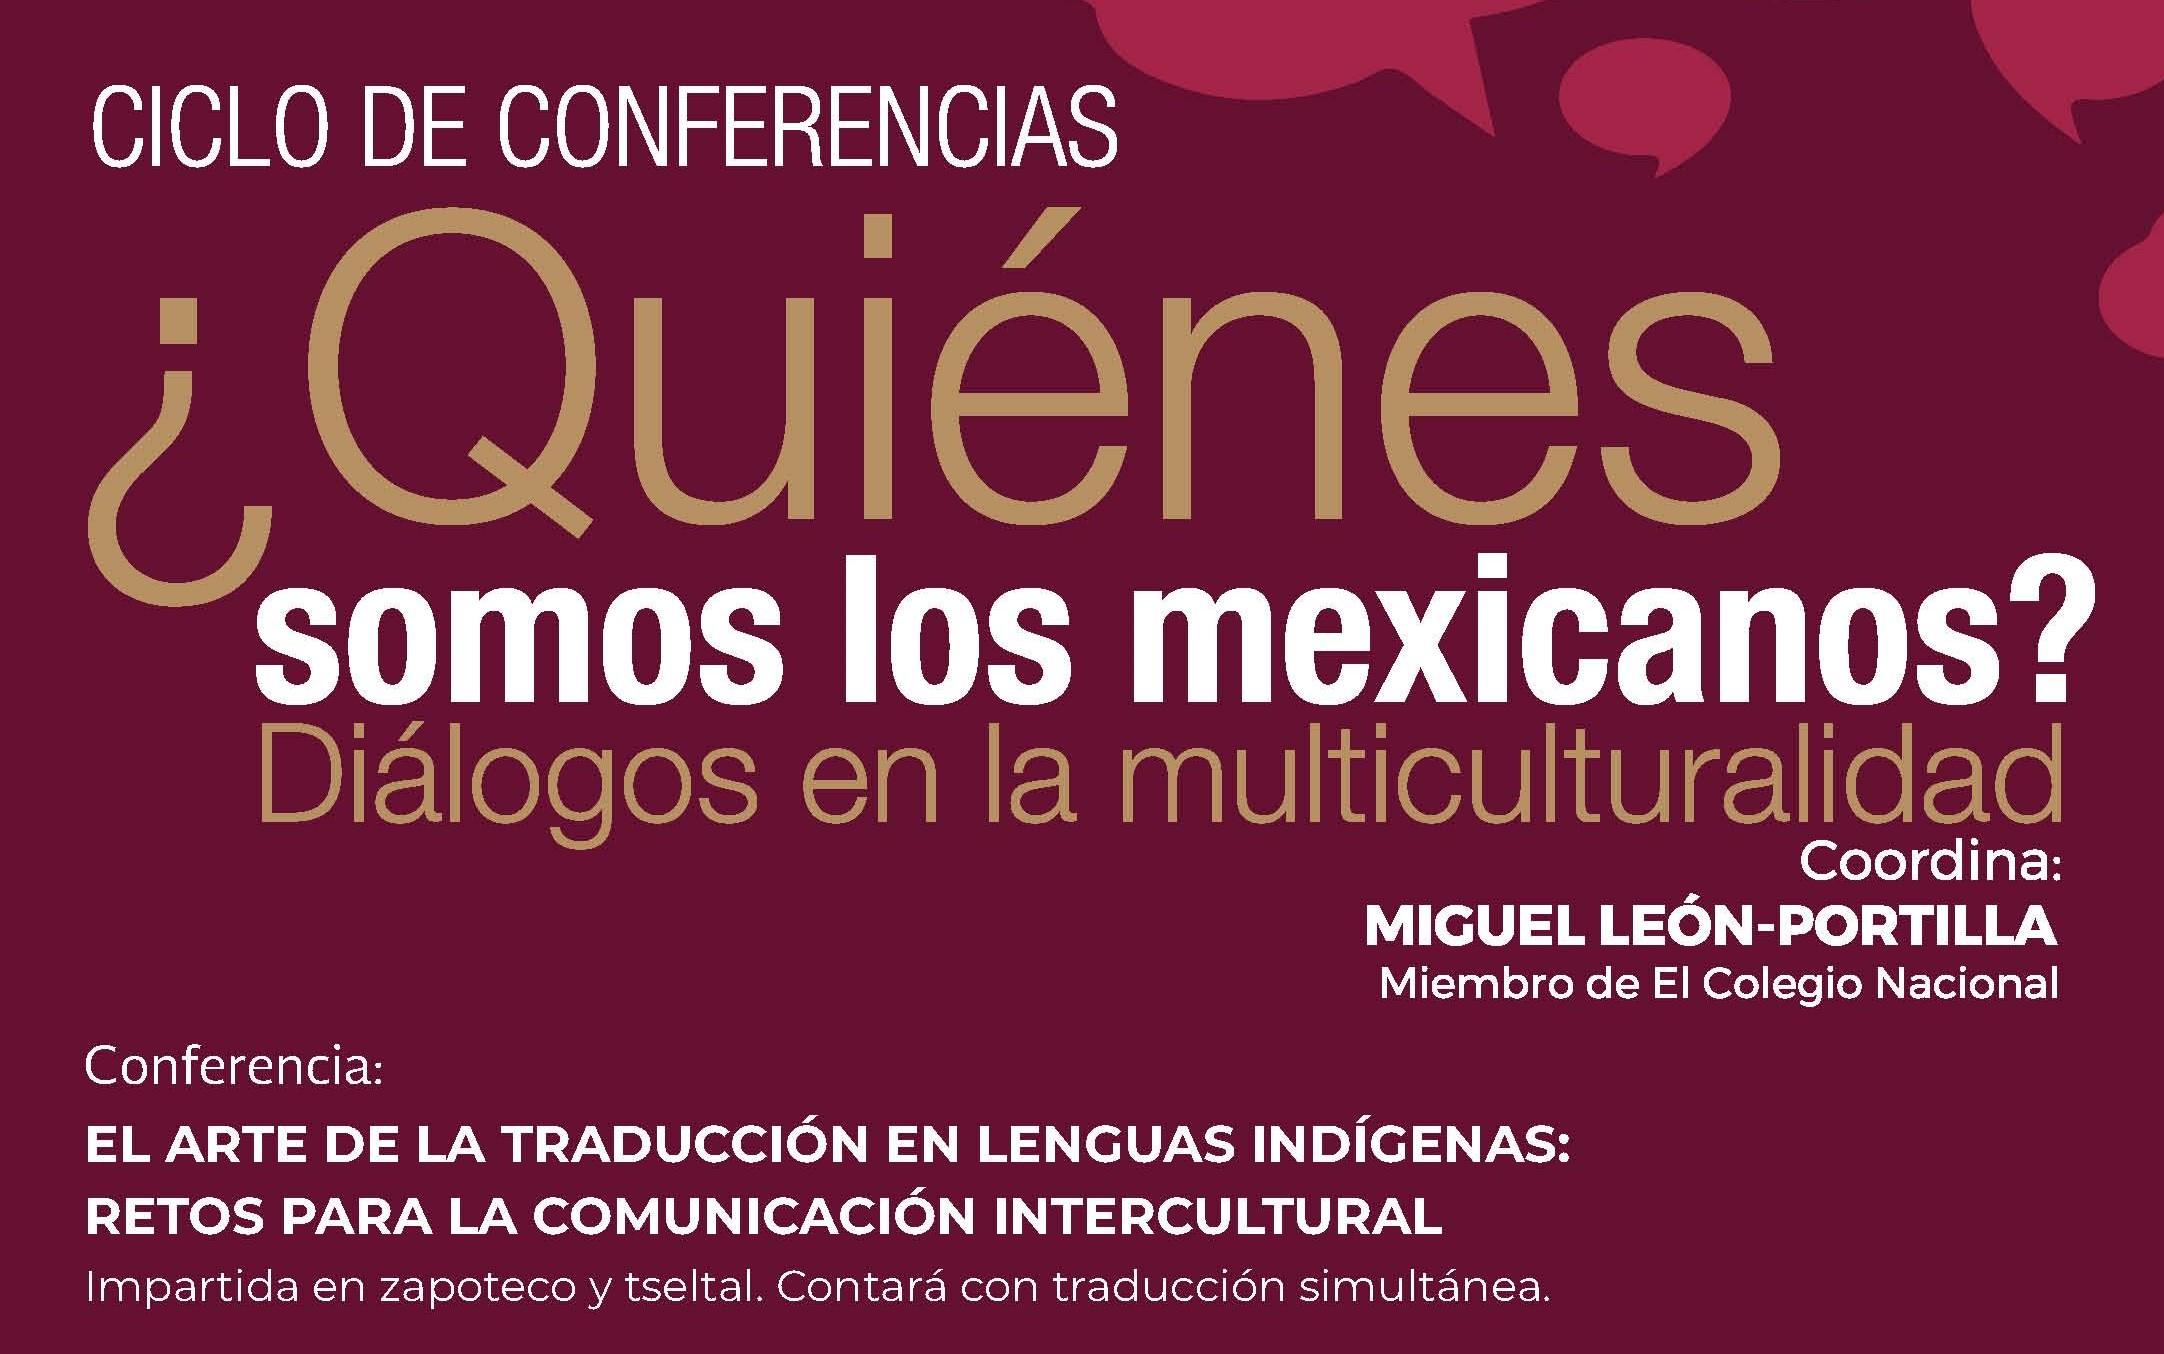 EN VIVO ¿Quiénes somos los mexicanos? El arte de la traducción en lenguas indígenas